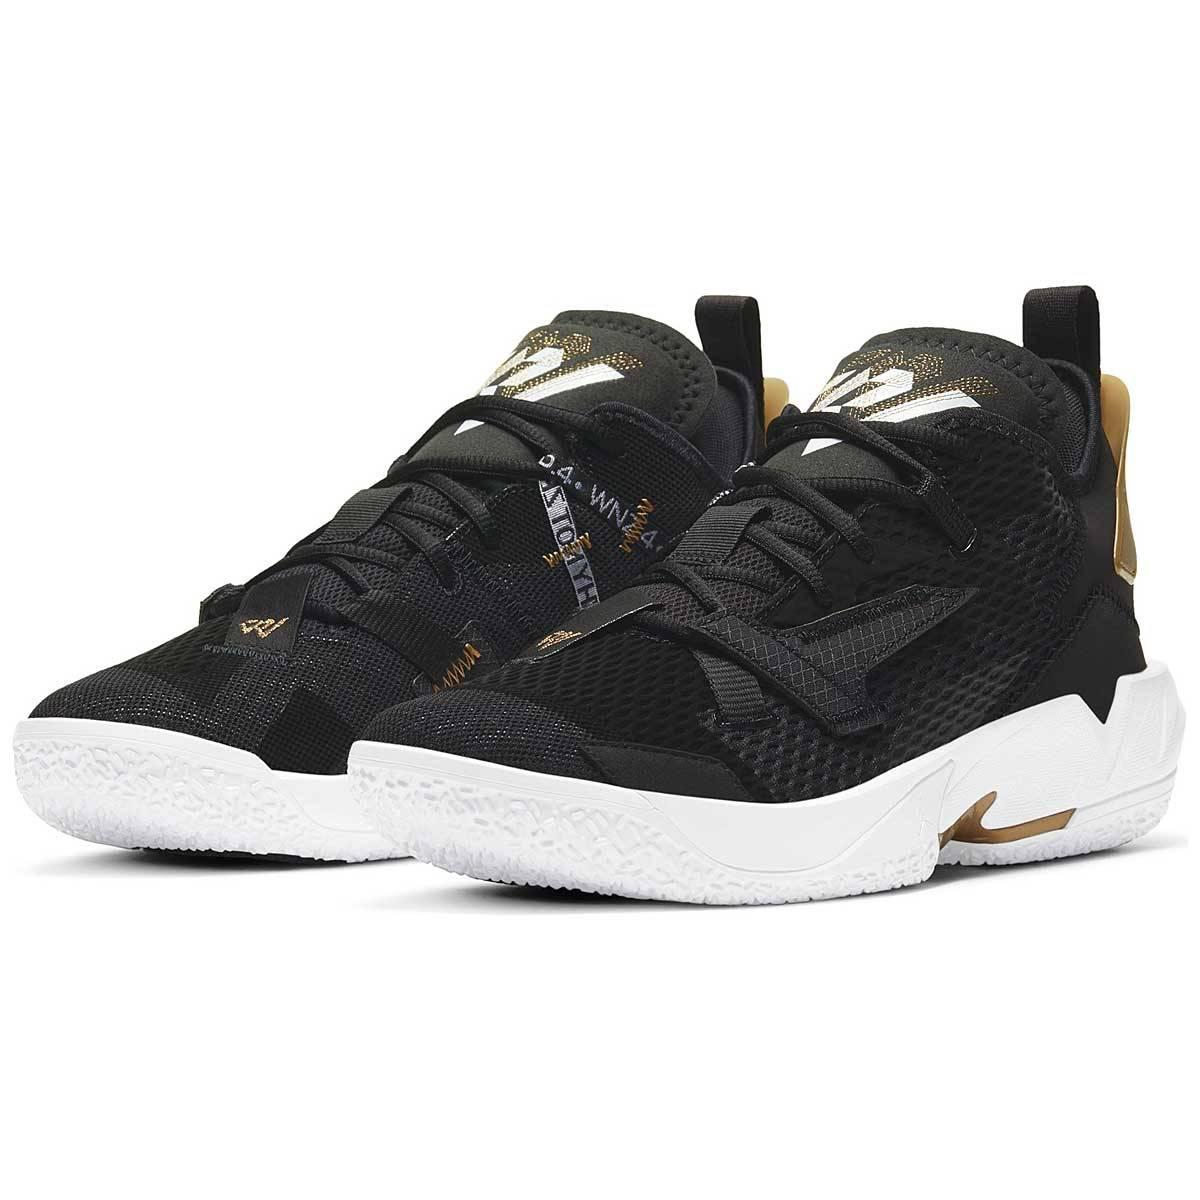 Nike Jordan Why Not Zer0.4 Sneaker für 70€ (statt 119€)